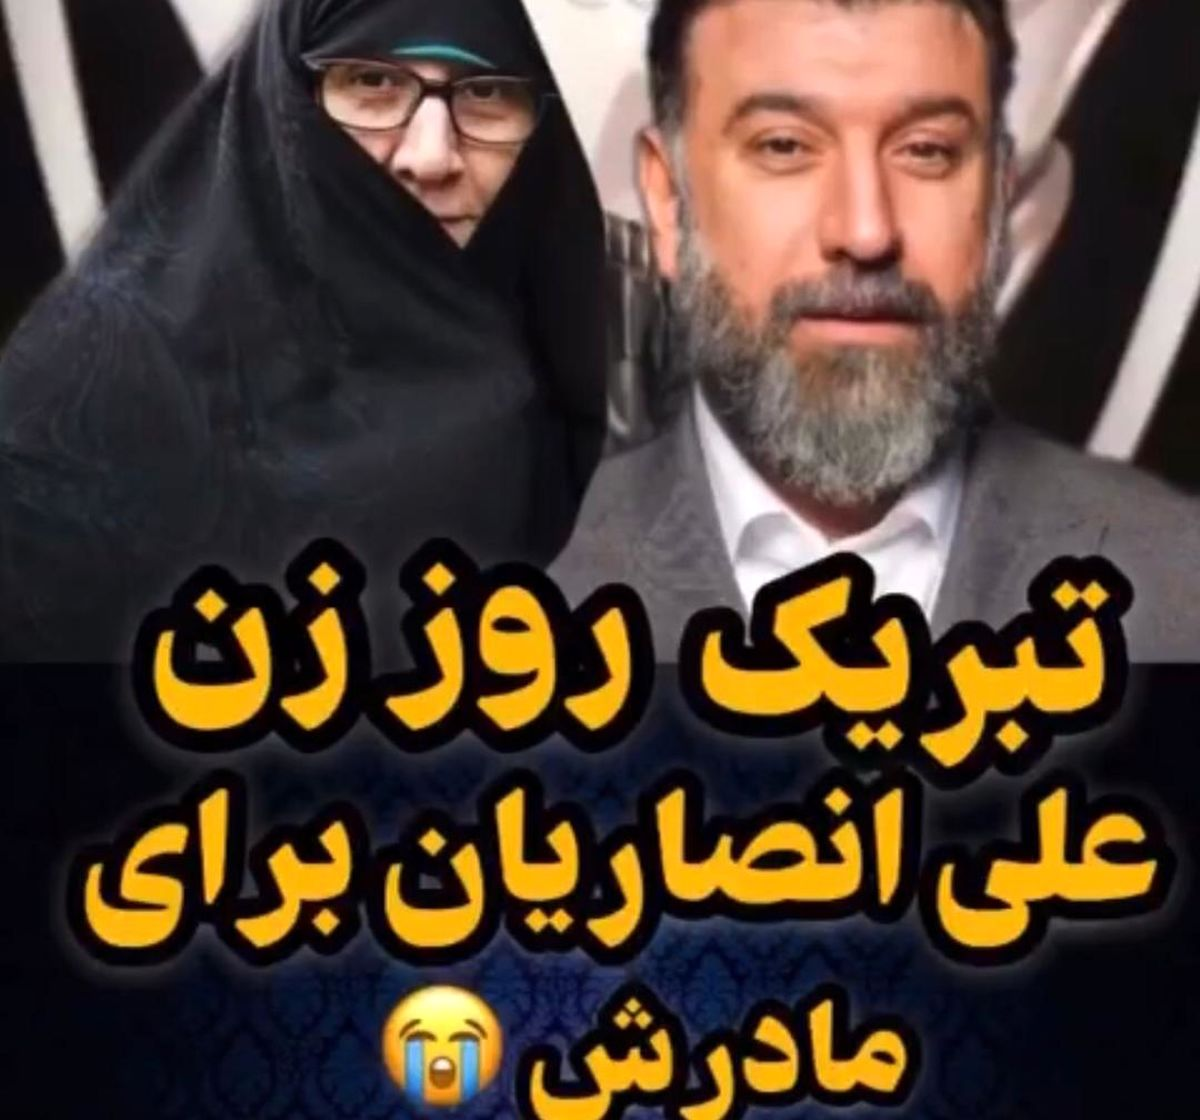 تبریک روز زن علی انصاریان به مادرش + فیلم